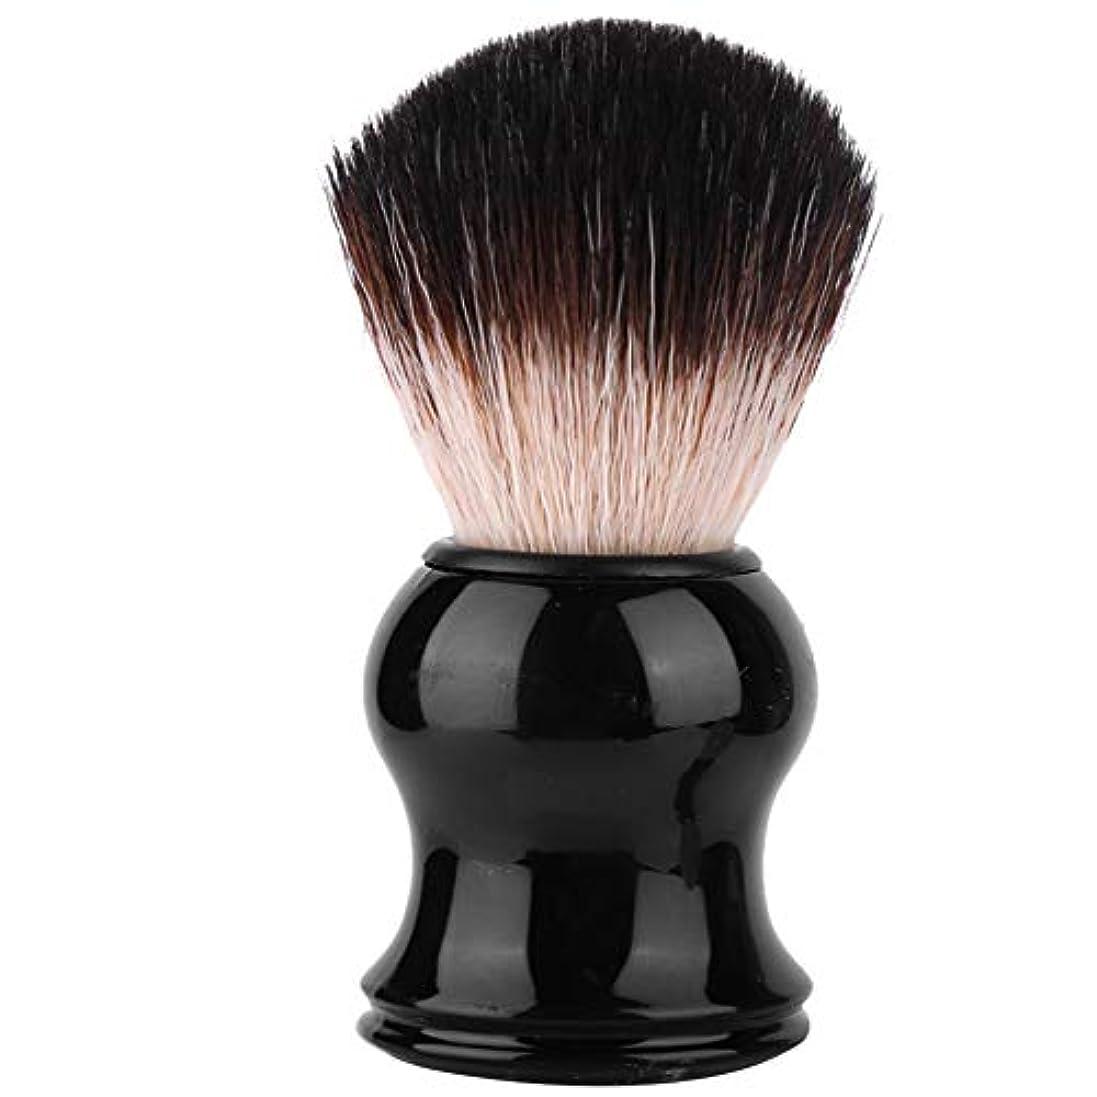 他の場所微視的暗唱するポータブルメンズソフトヘアシェービングブラシ絶妙なハンドル髭ブラシ理髪ツール個人用および業務用シェービングに最適(3#)